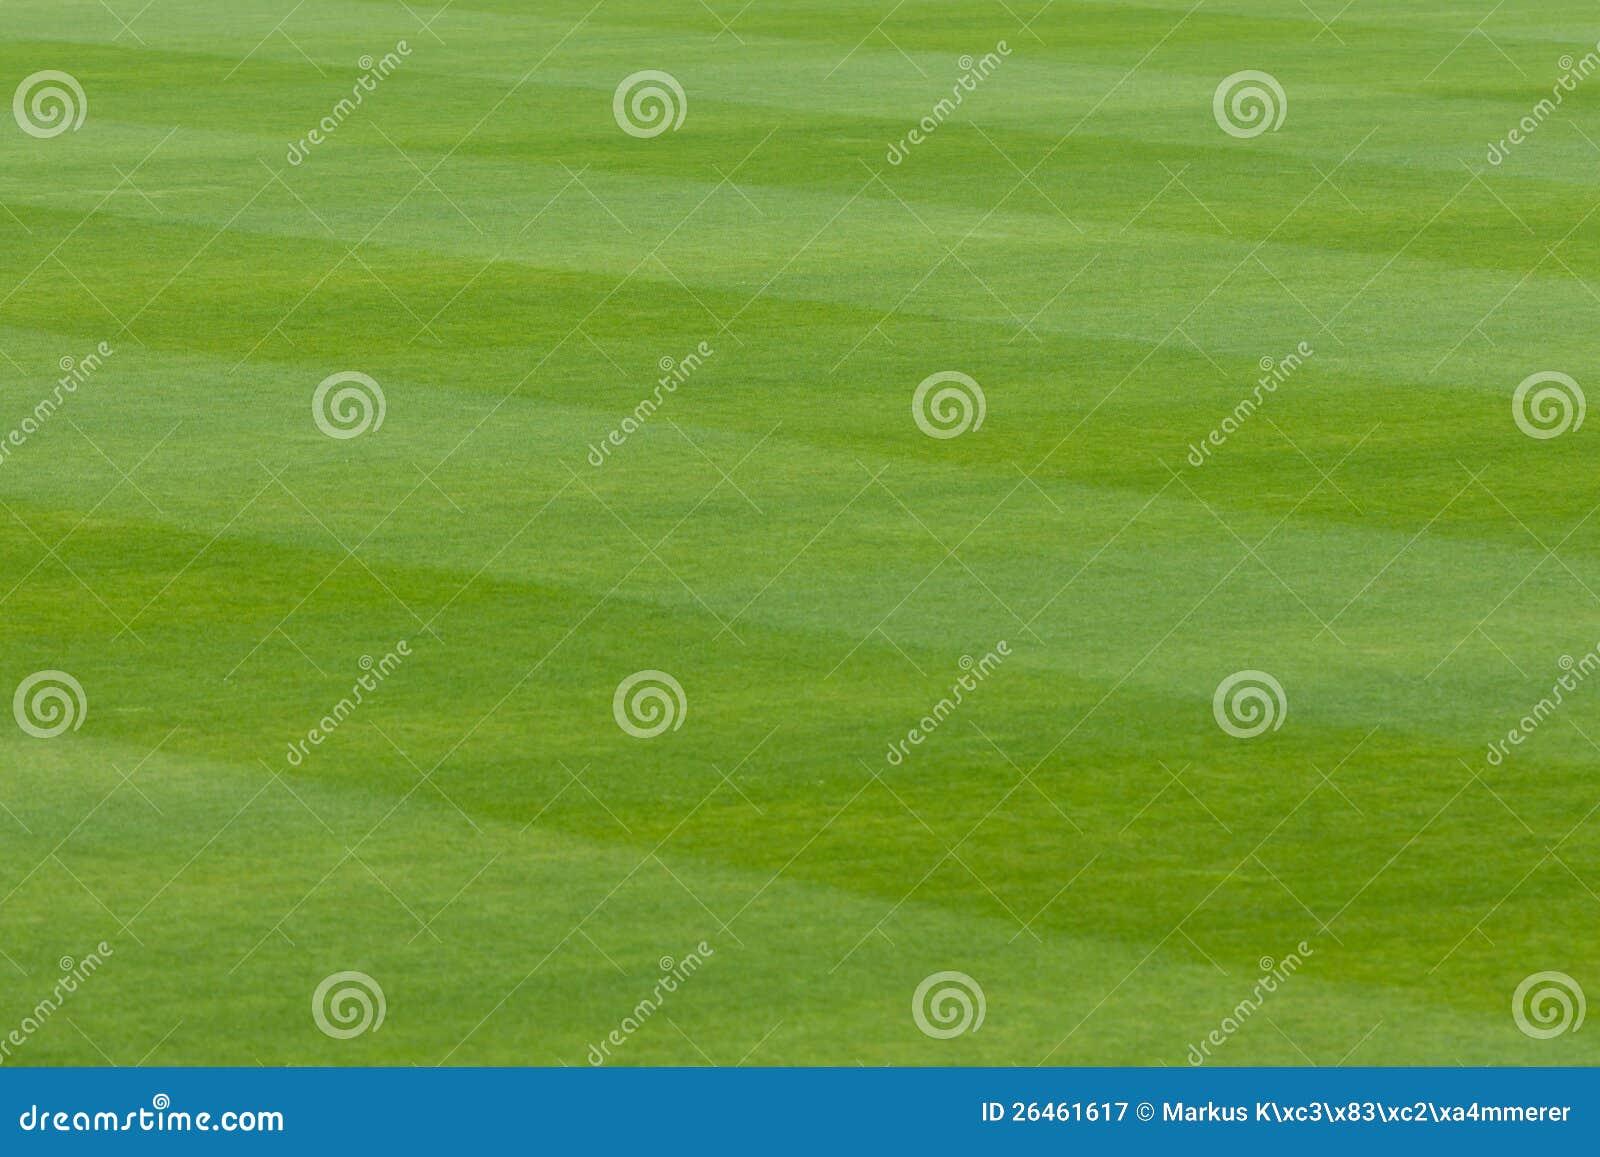 Grönt gräs i en stadion eller sportar field